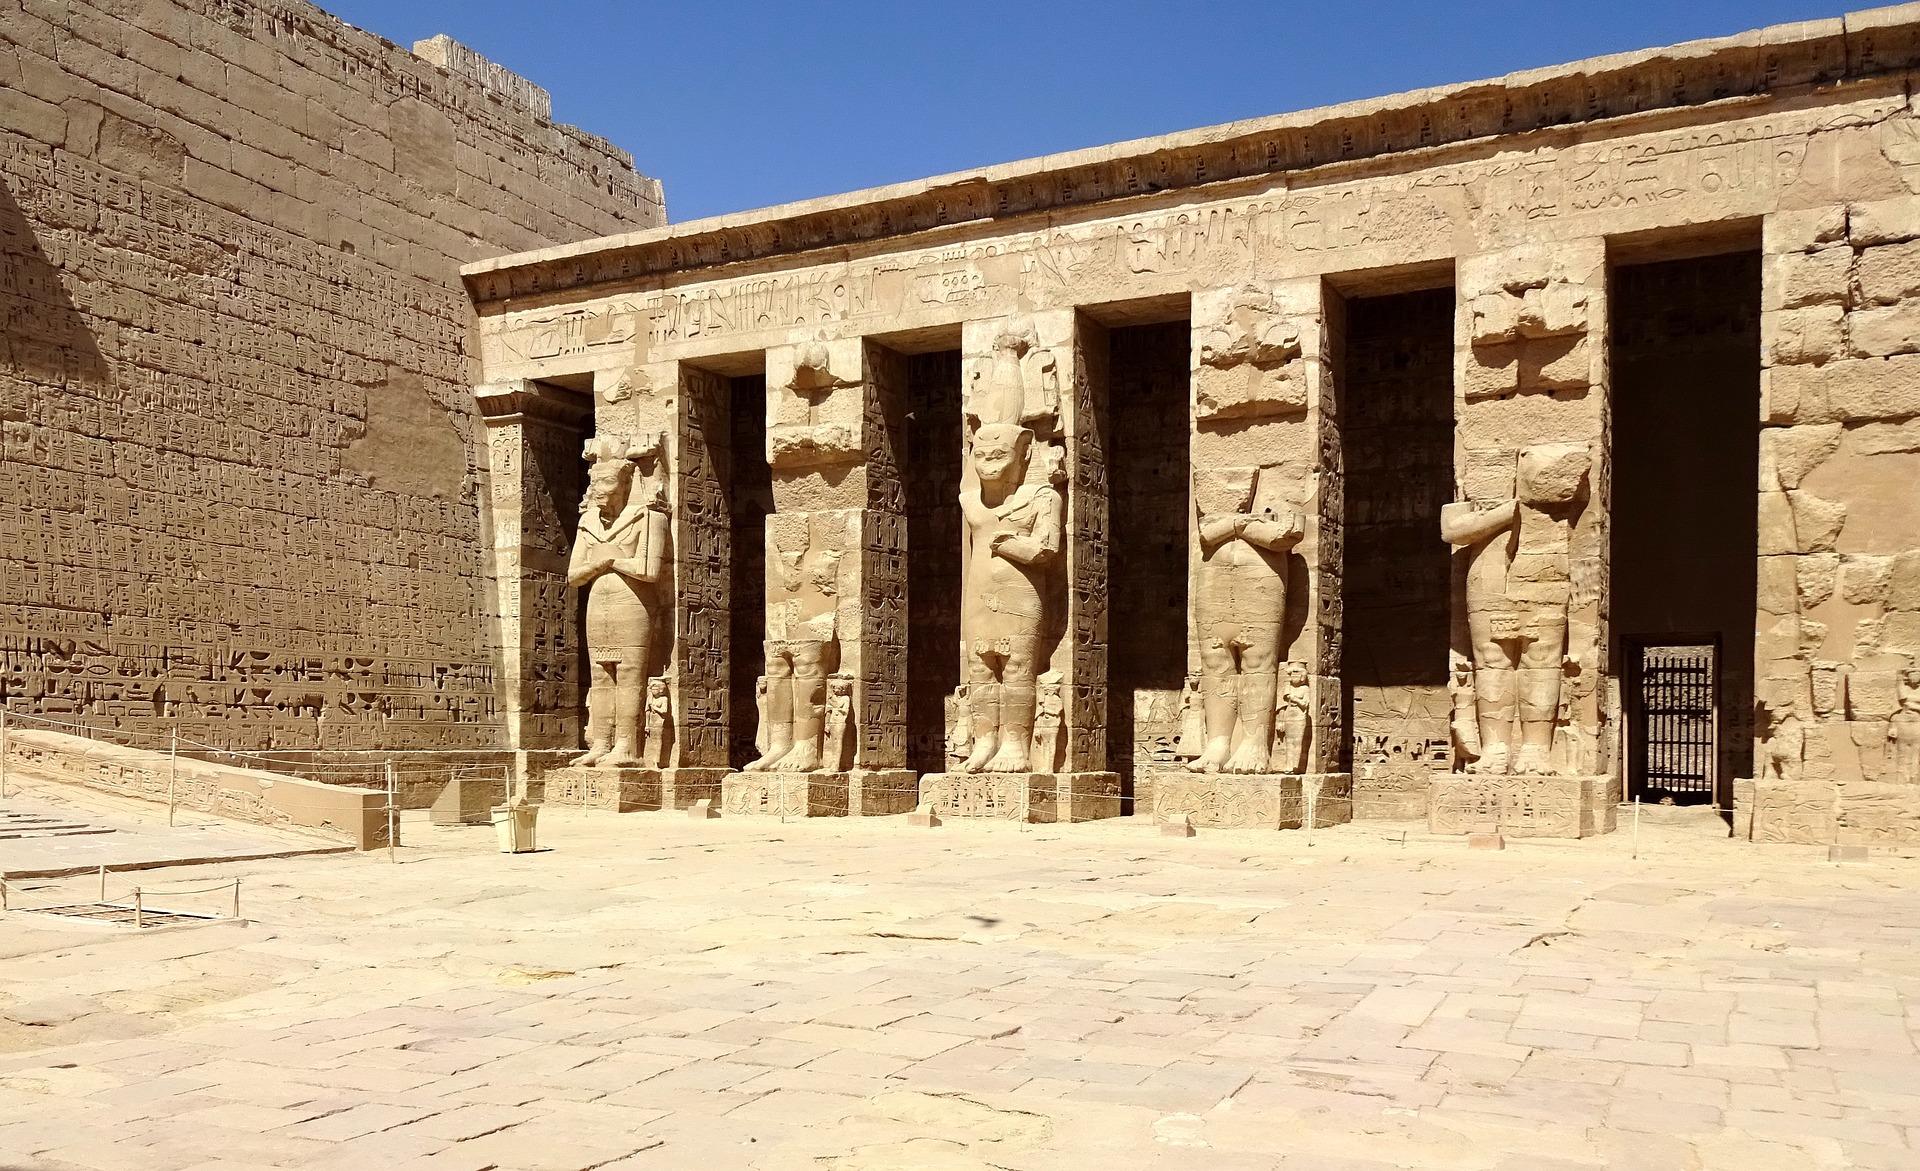 Les temples de Louxor, Karnak et Deir el-Bahari